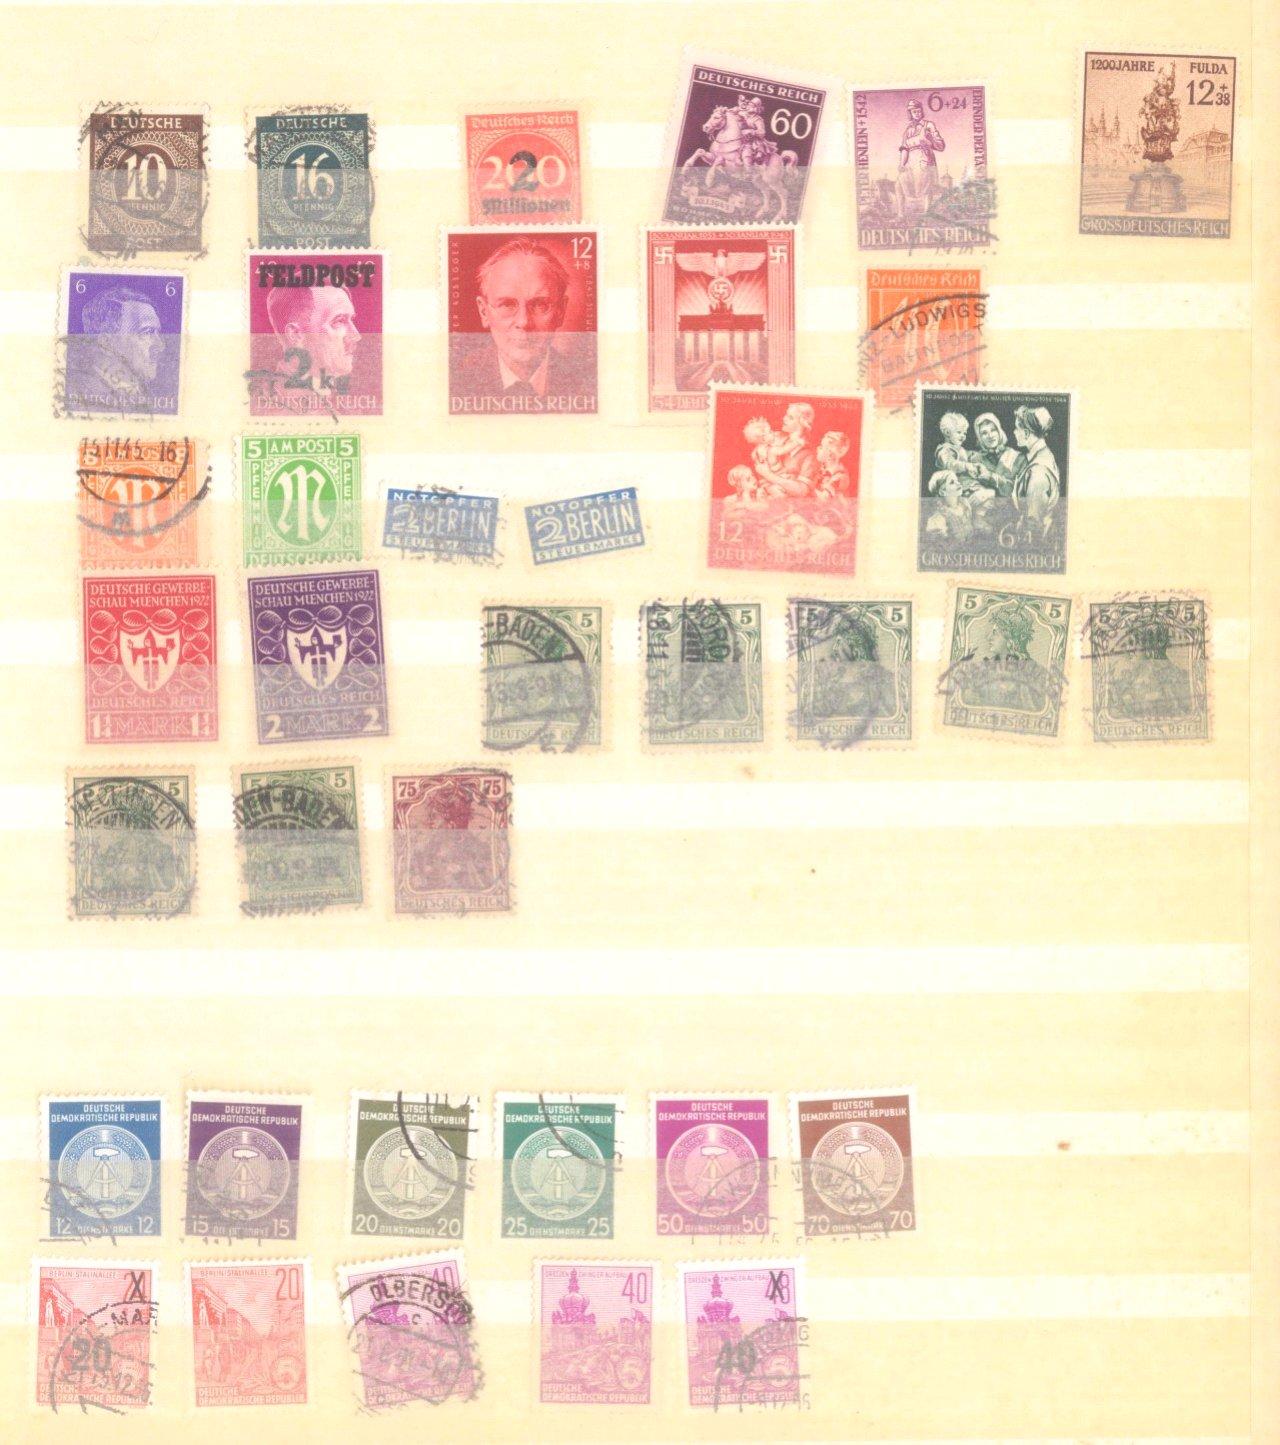 Mannheimer Briefmarkennachlass-42